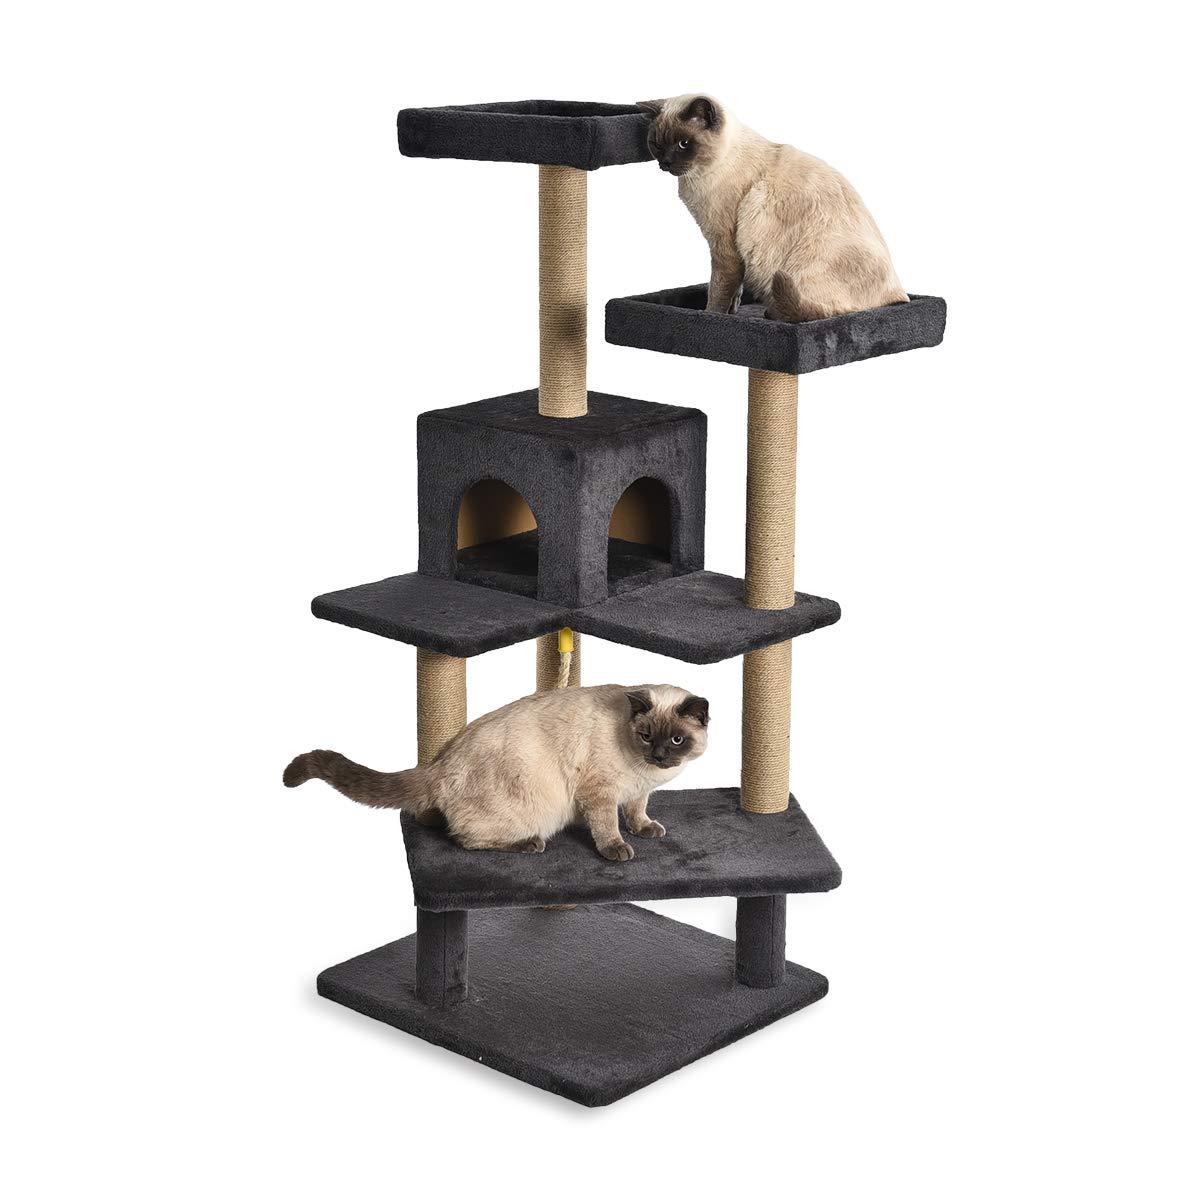 AmazonBasics Cat Tree with Platform, X-Large Sizes